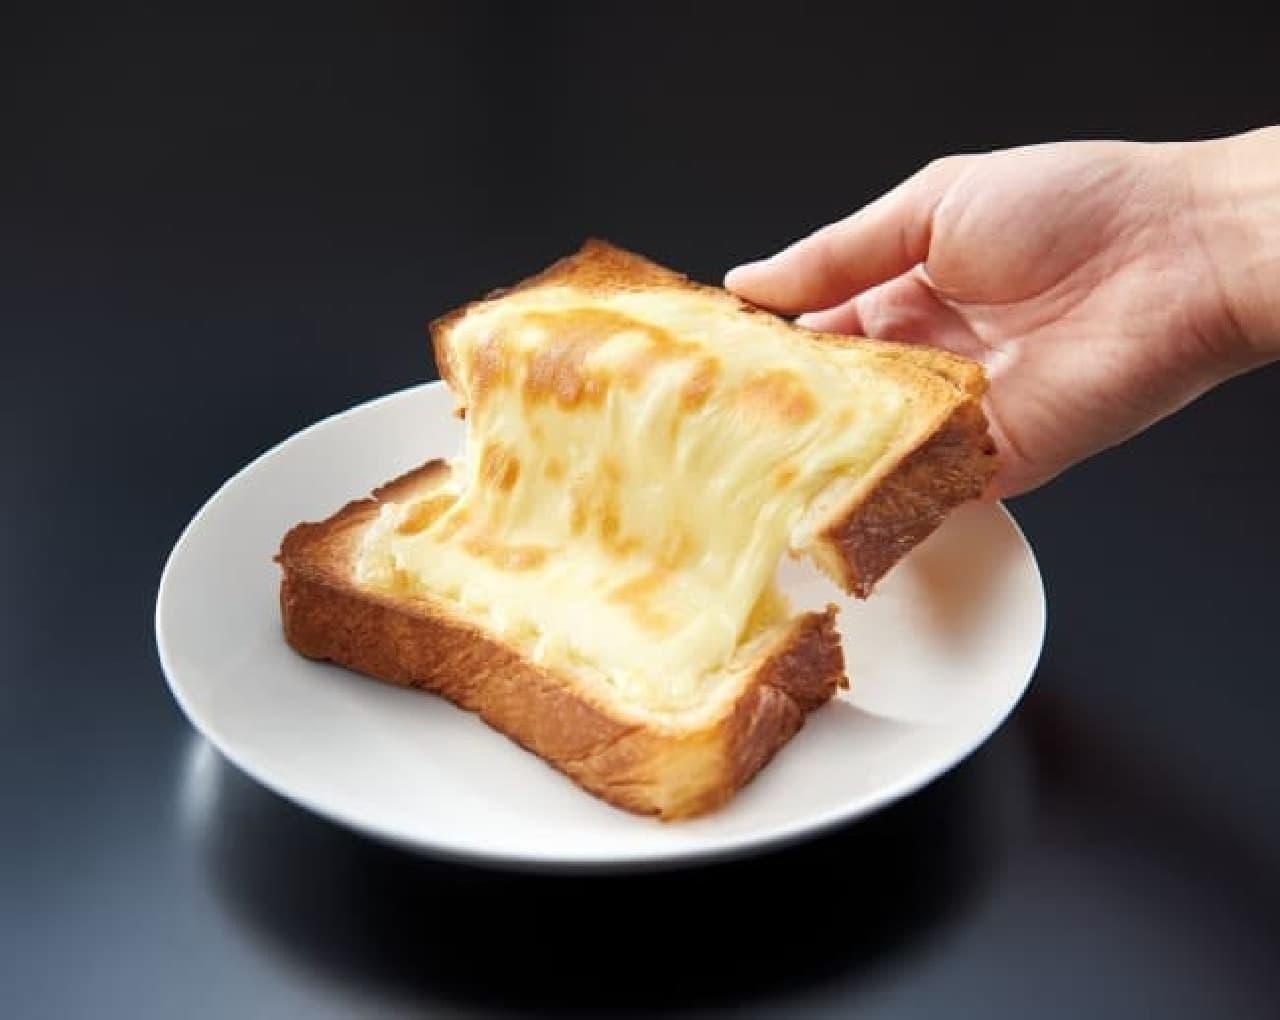 耳までおいしいトーストに--濡らして入れるだけ、チーズも絶妙にとろける「スチームトーストメーカー」